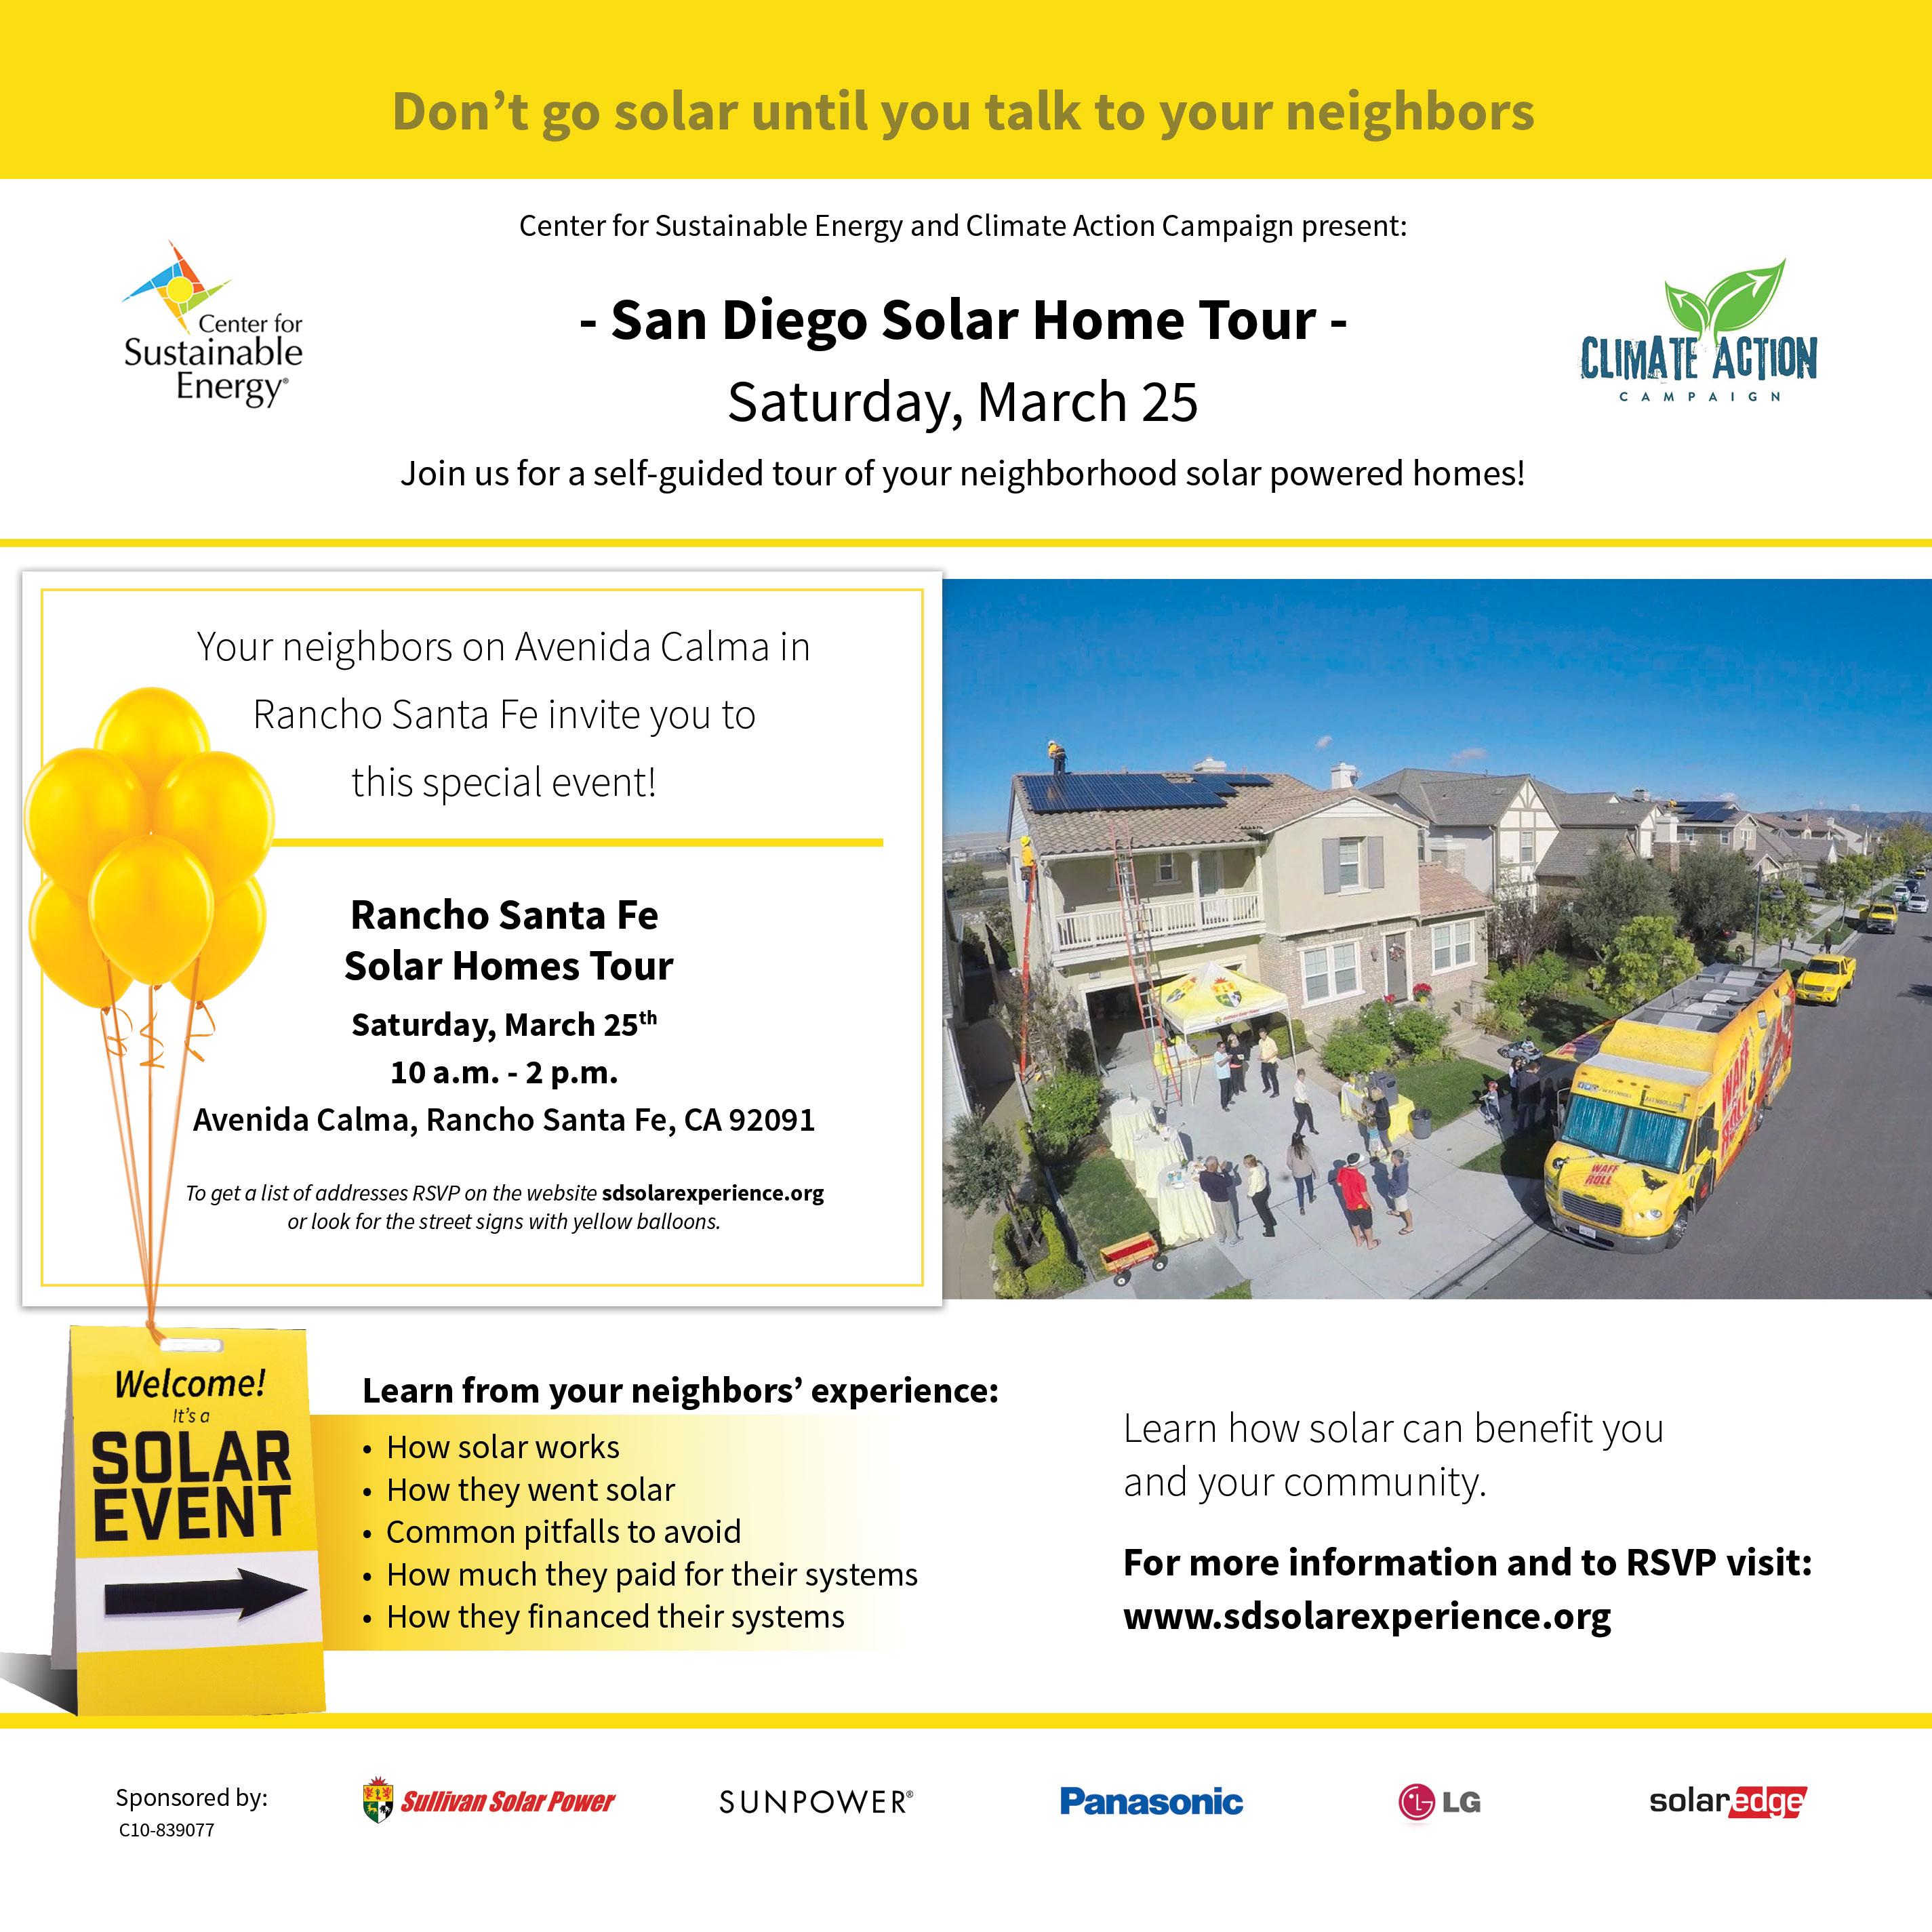 Solar Home Tours Avenida Calma